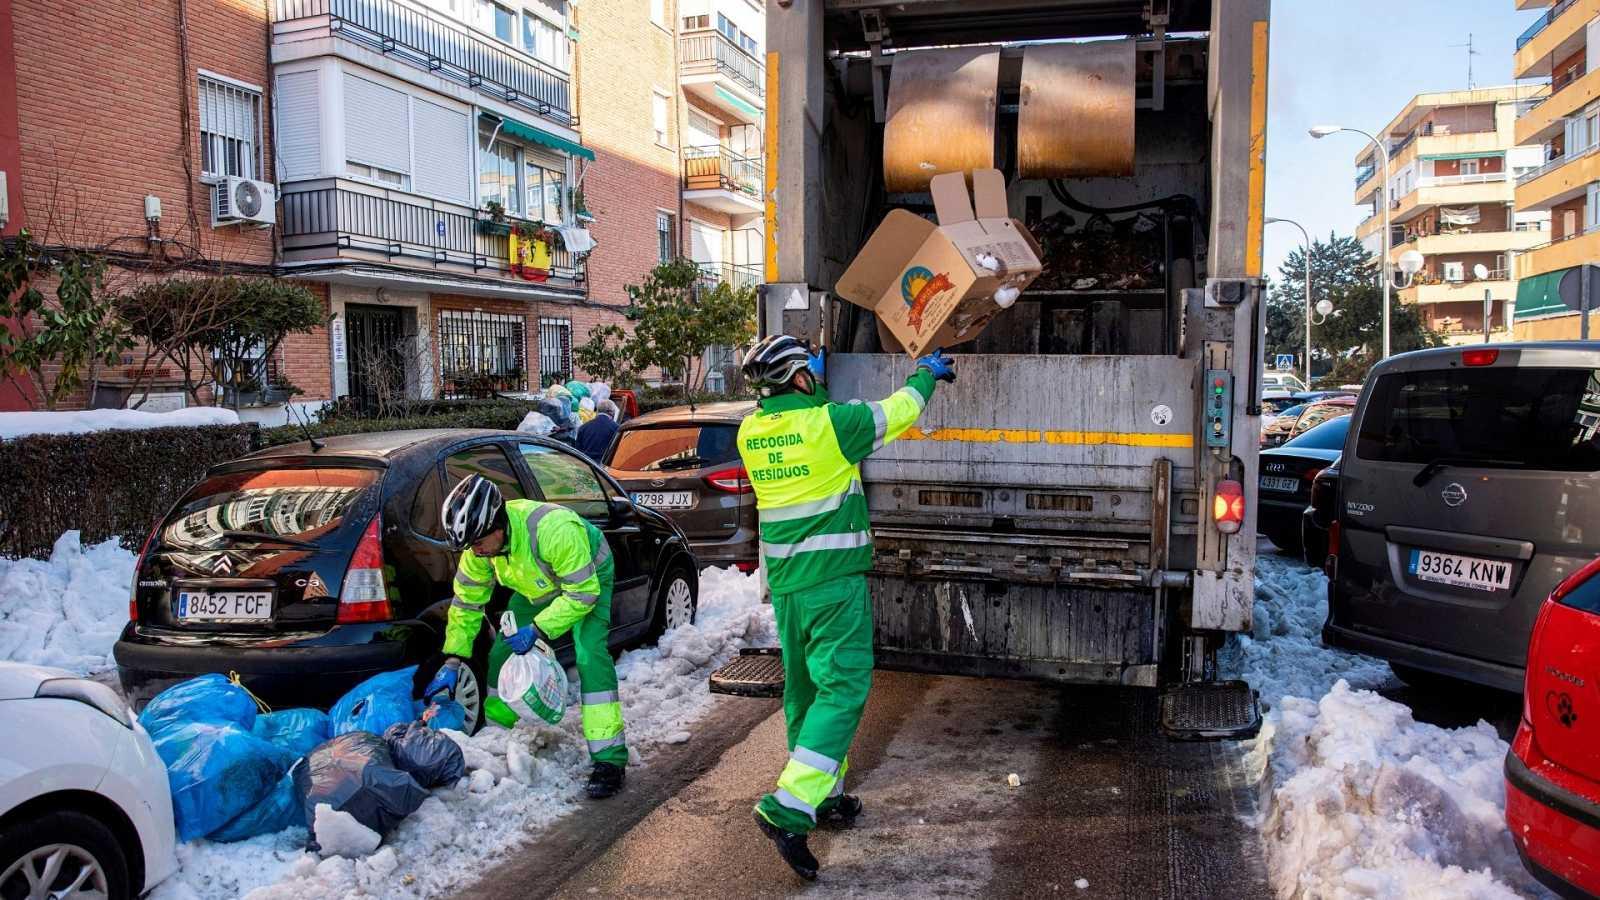 14 horas - En Madrid ya no sólo preocupa el hielo de las aceras: árboles caídos, tuberías congeladas y chupones en los tejados - Escuchar ahora